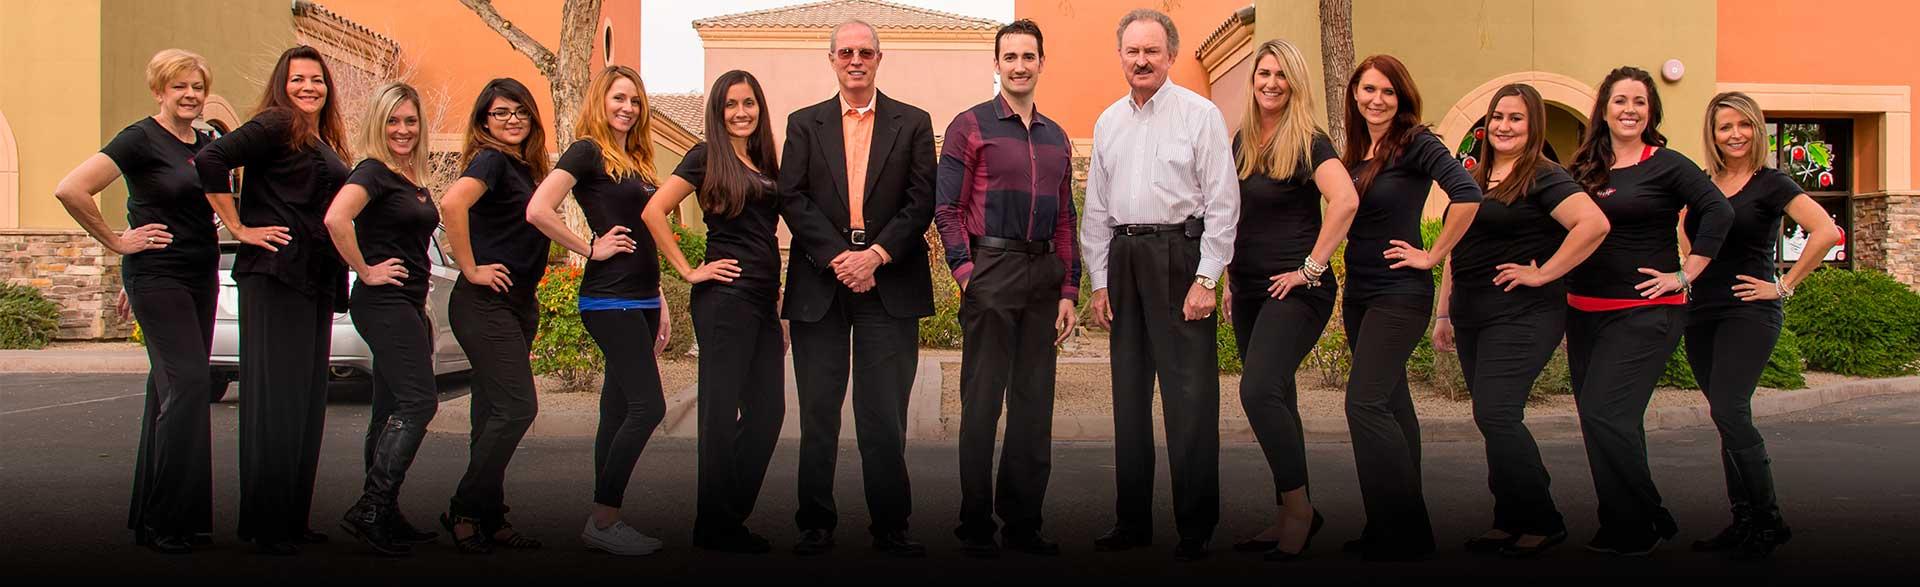 Slider Staff 1 Affiliated Orthodontics Peoria AZ